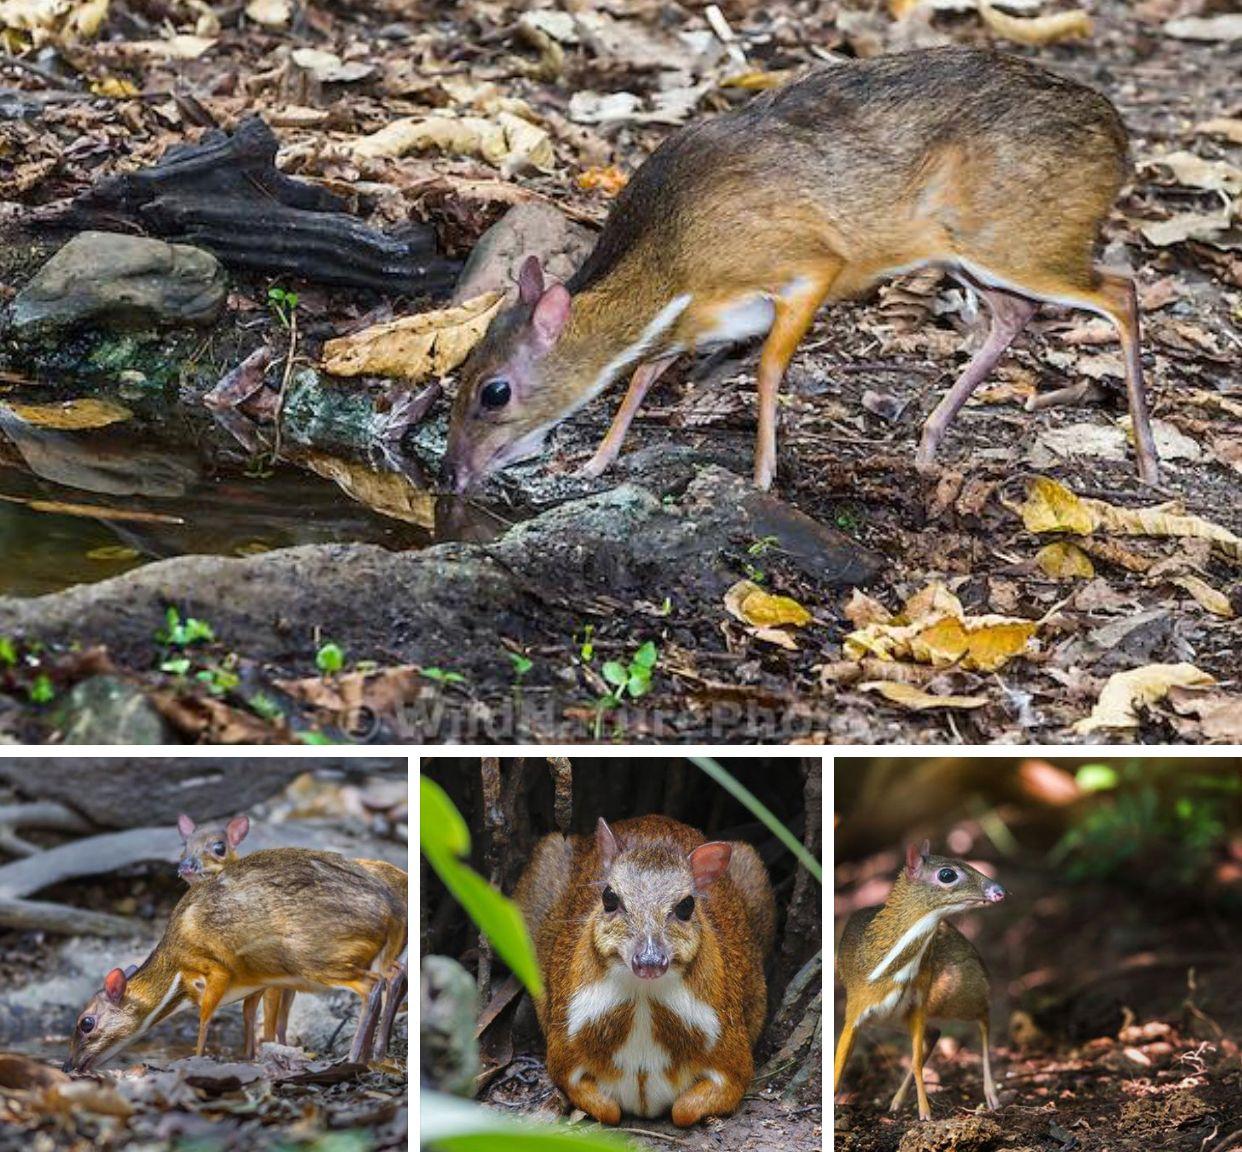 الغزال الفأر هو من فصيلة تسمى الطرغول هذا الحيوان ظهر قريبا في جنوب شرق أسيا ووسط أفريقيا صغير كالفأر وشكله يشبه الغزال يصل وزن الآسيوي إلى 8 كجم أما الأ